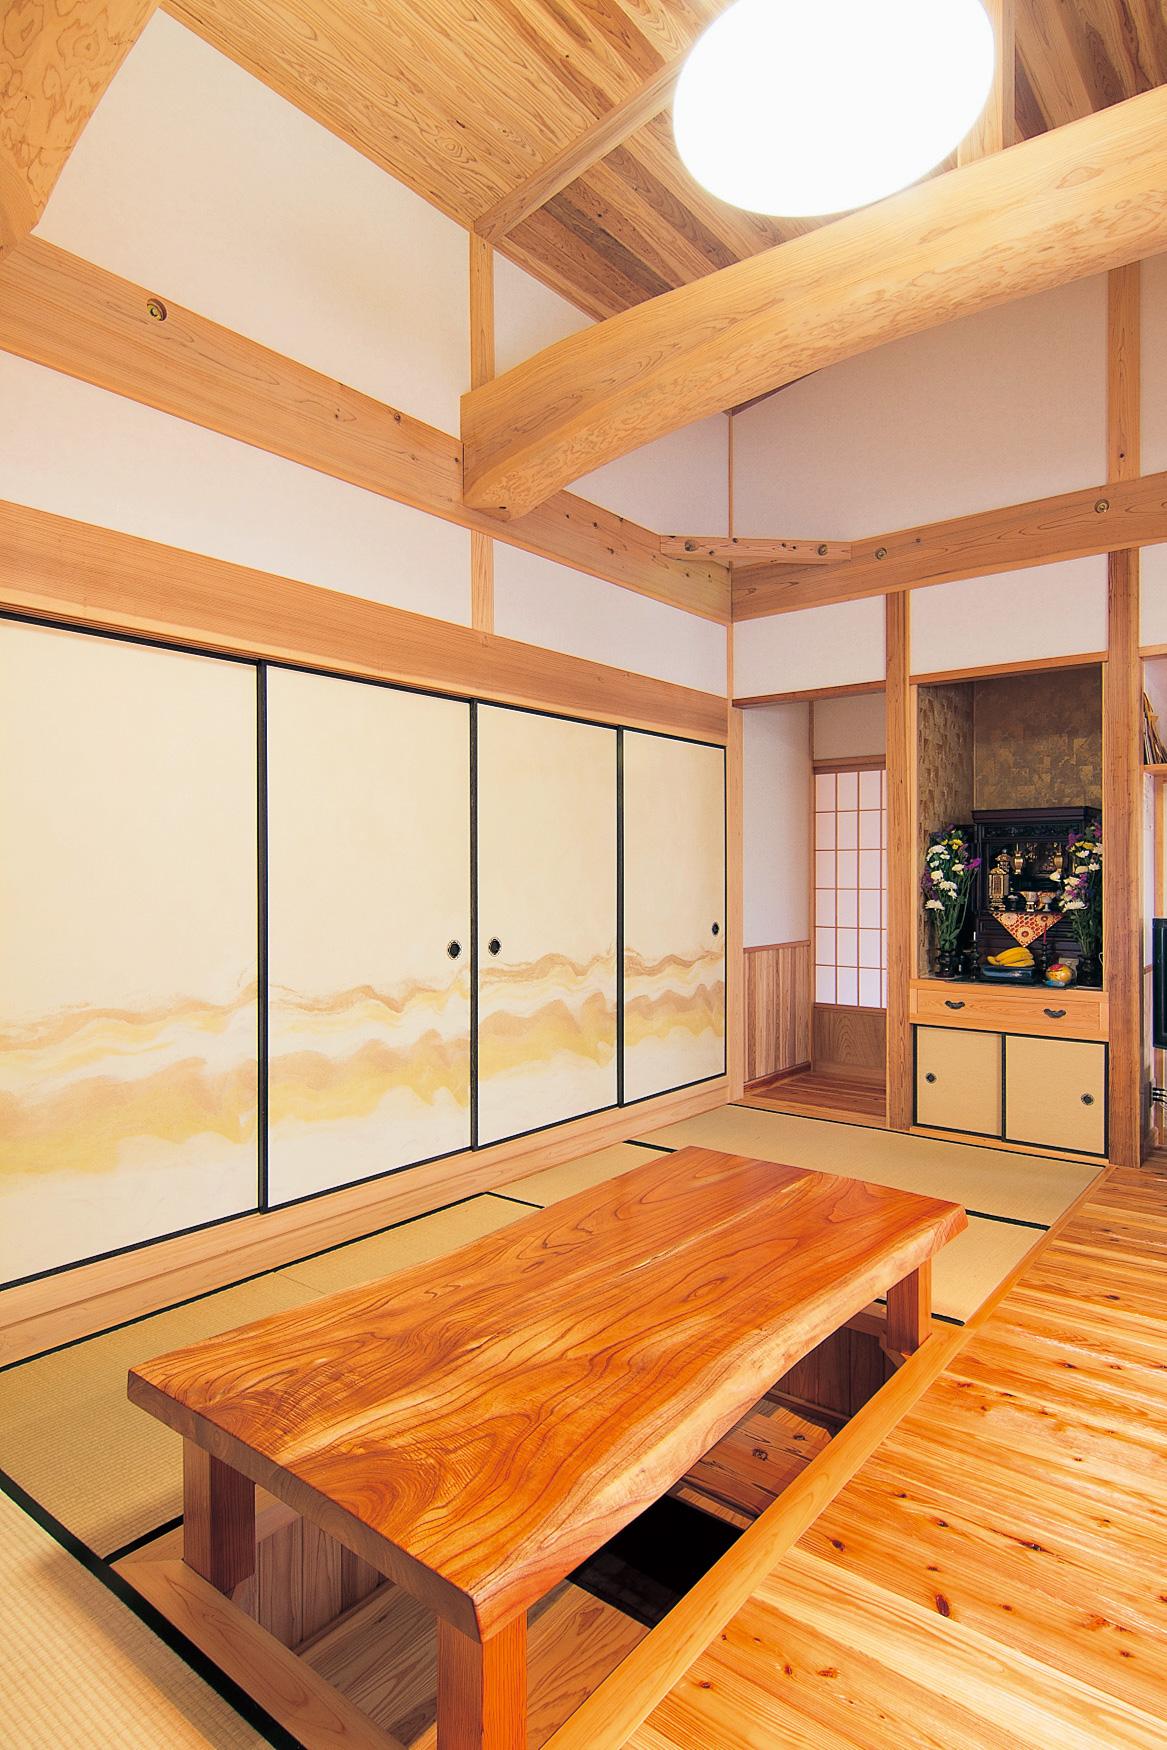 隣接する和室を襖で間仕切るとまた違った雰囲気に。奥の廊下へつながる出入り口は2つあるので、移動もスムーズ